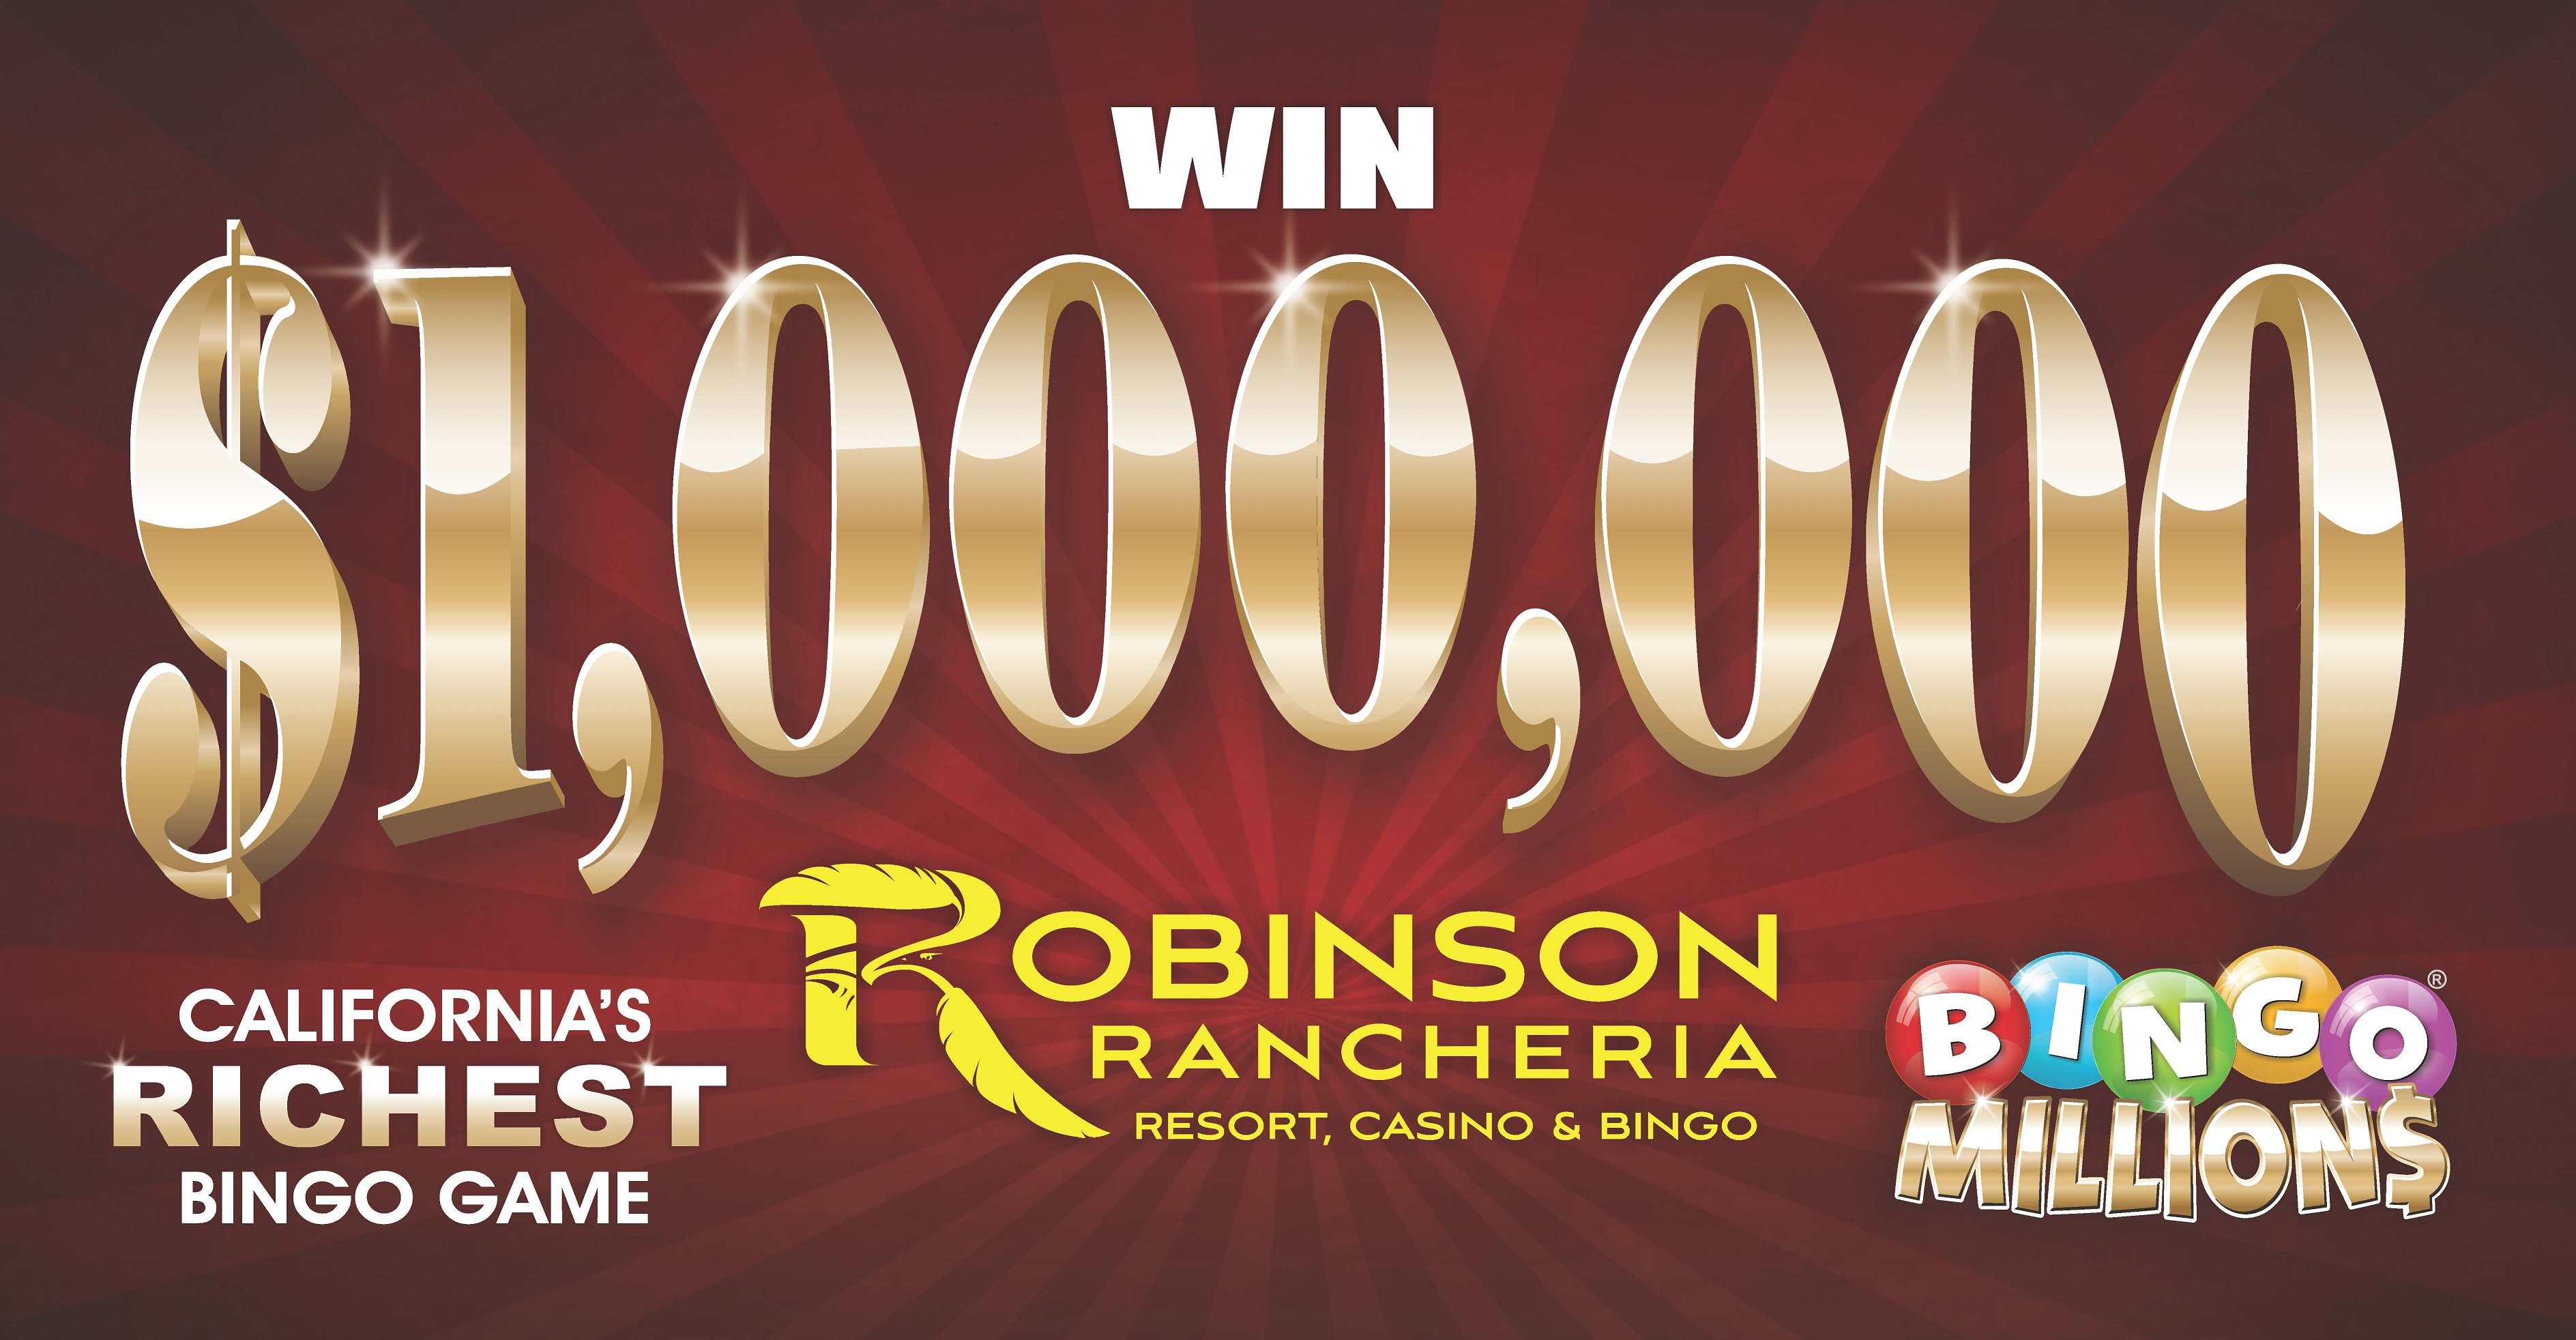 Bingo Millions® Win 1 MILLION dollars!